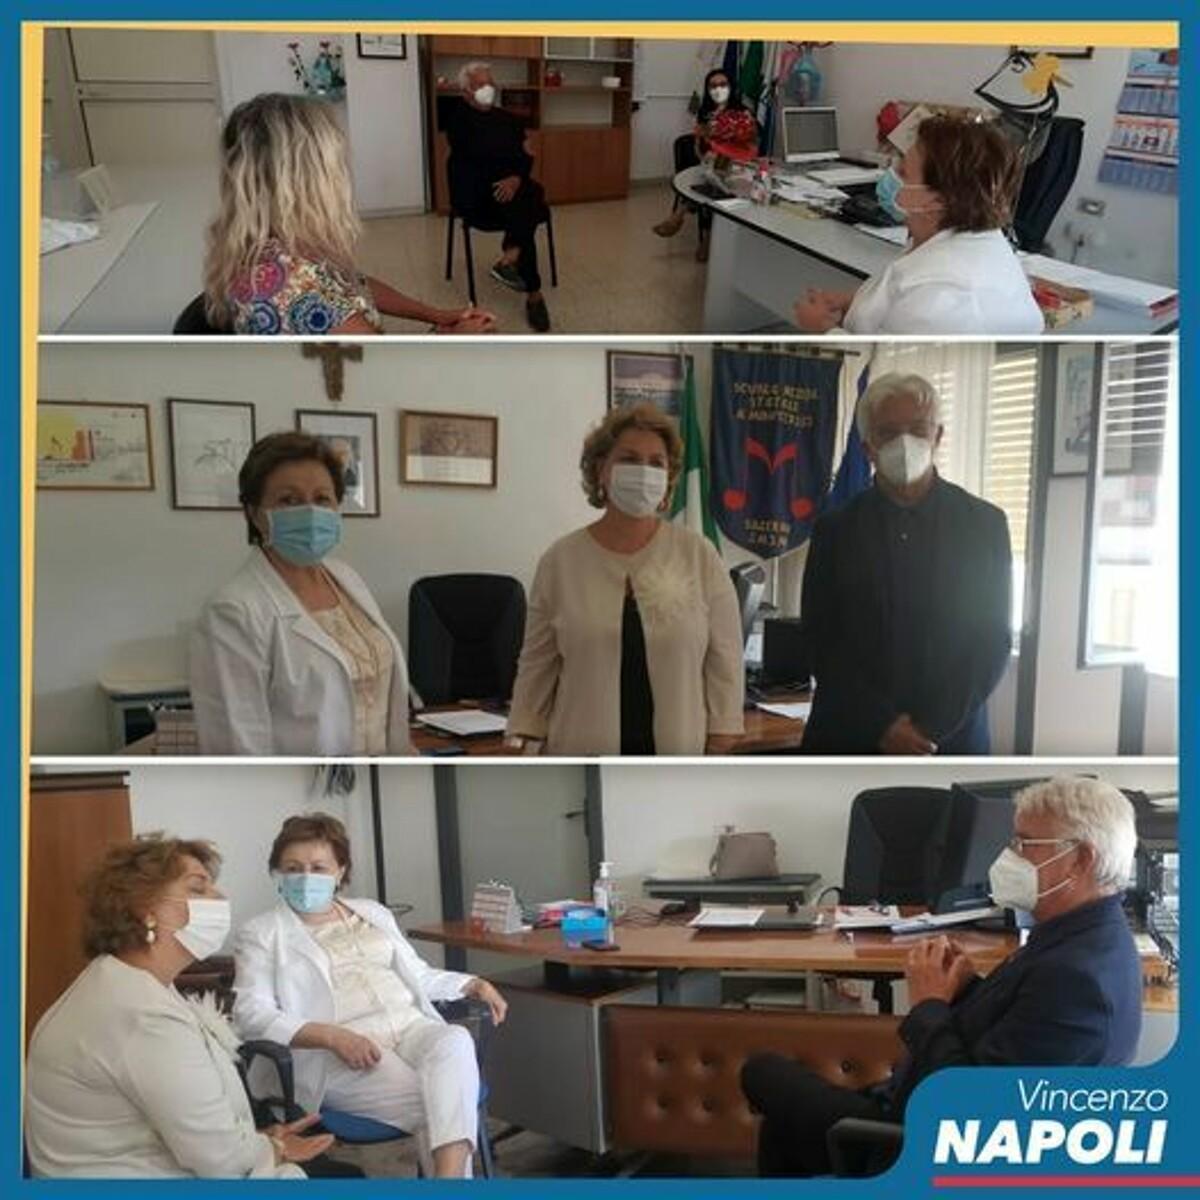 Ritorno a scuola, Napoli e Avossa incontrano i nuovi presidi a Salerno